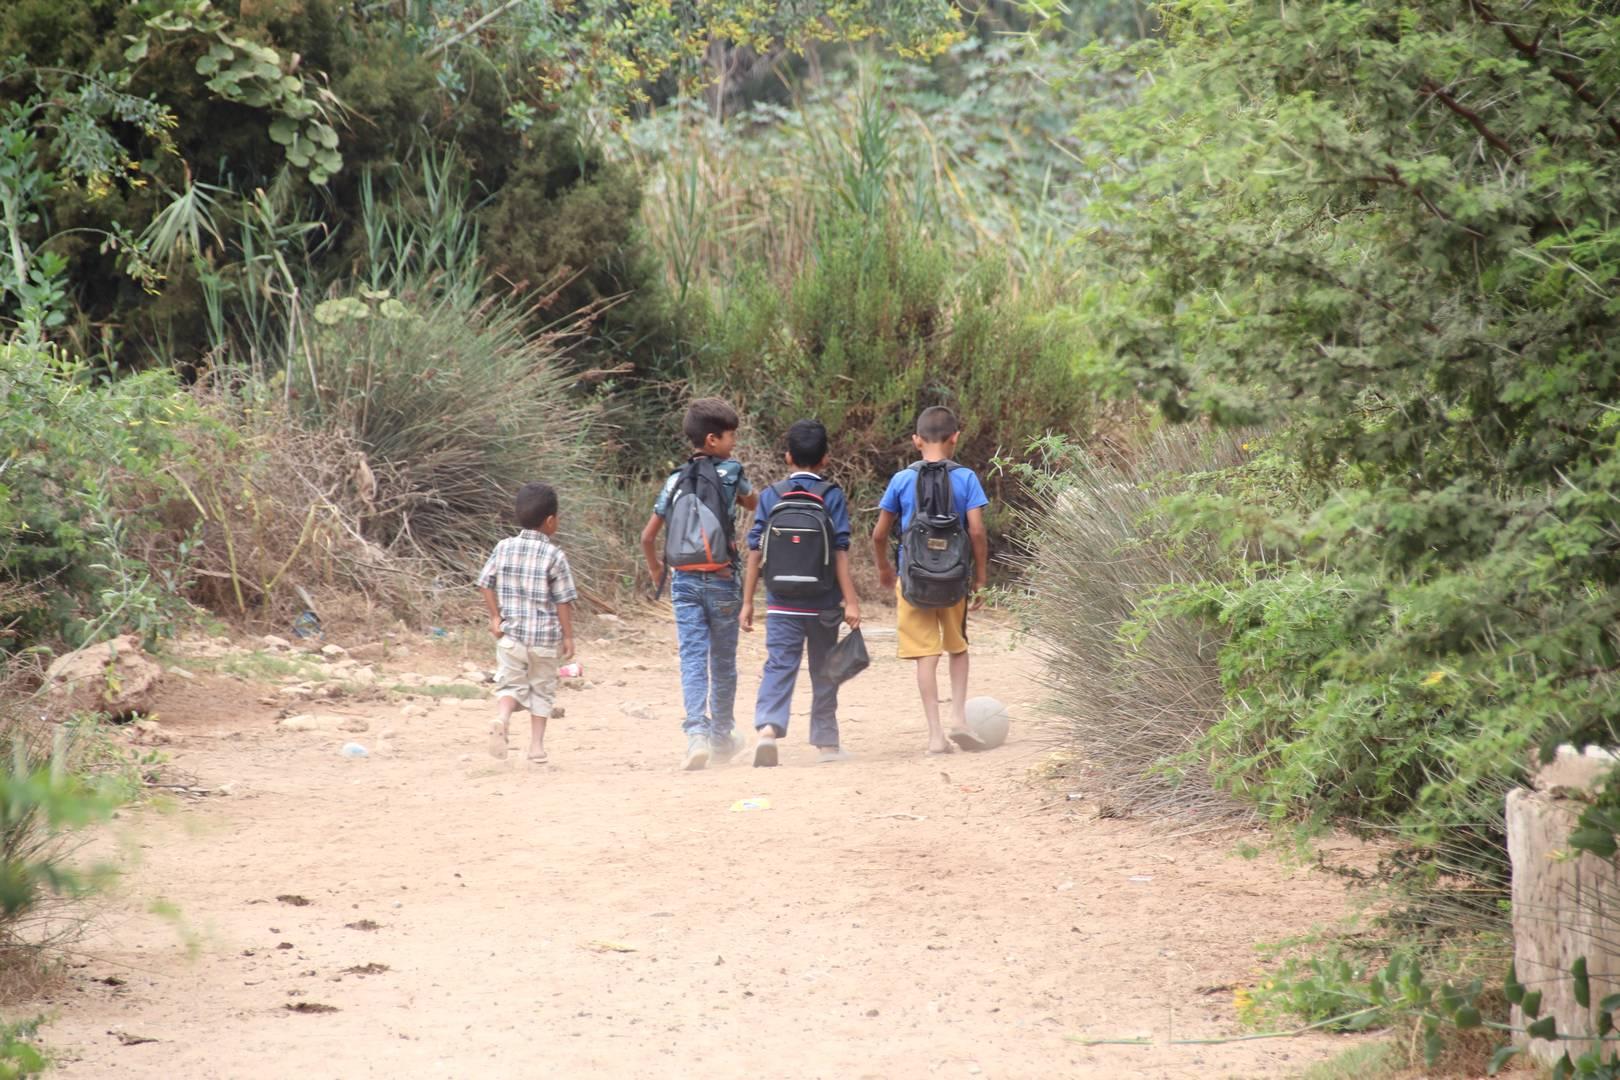 Maroc - Les enfants vont à l'école dans l'oasis Ain Lahdjar à côté d'Essaouira